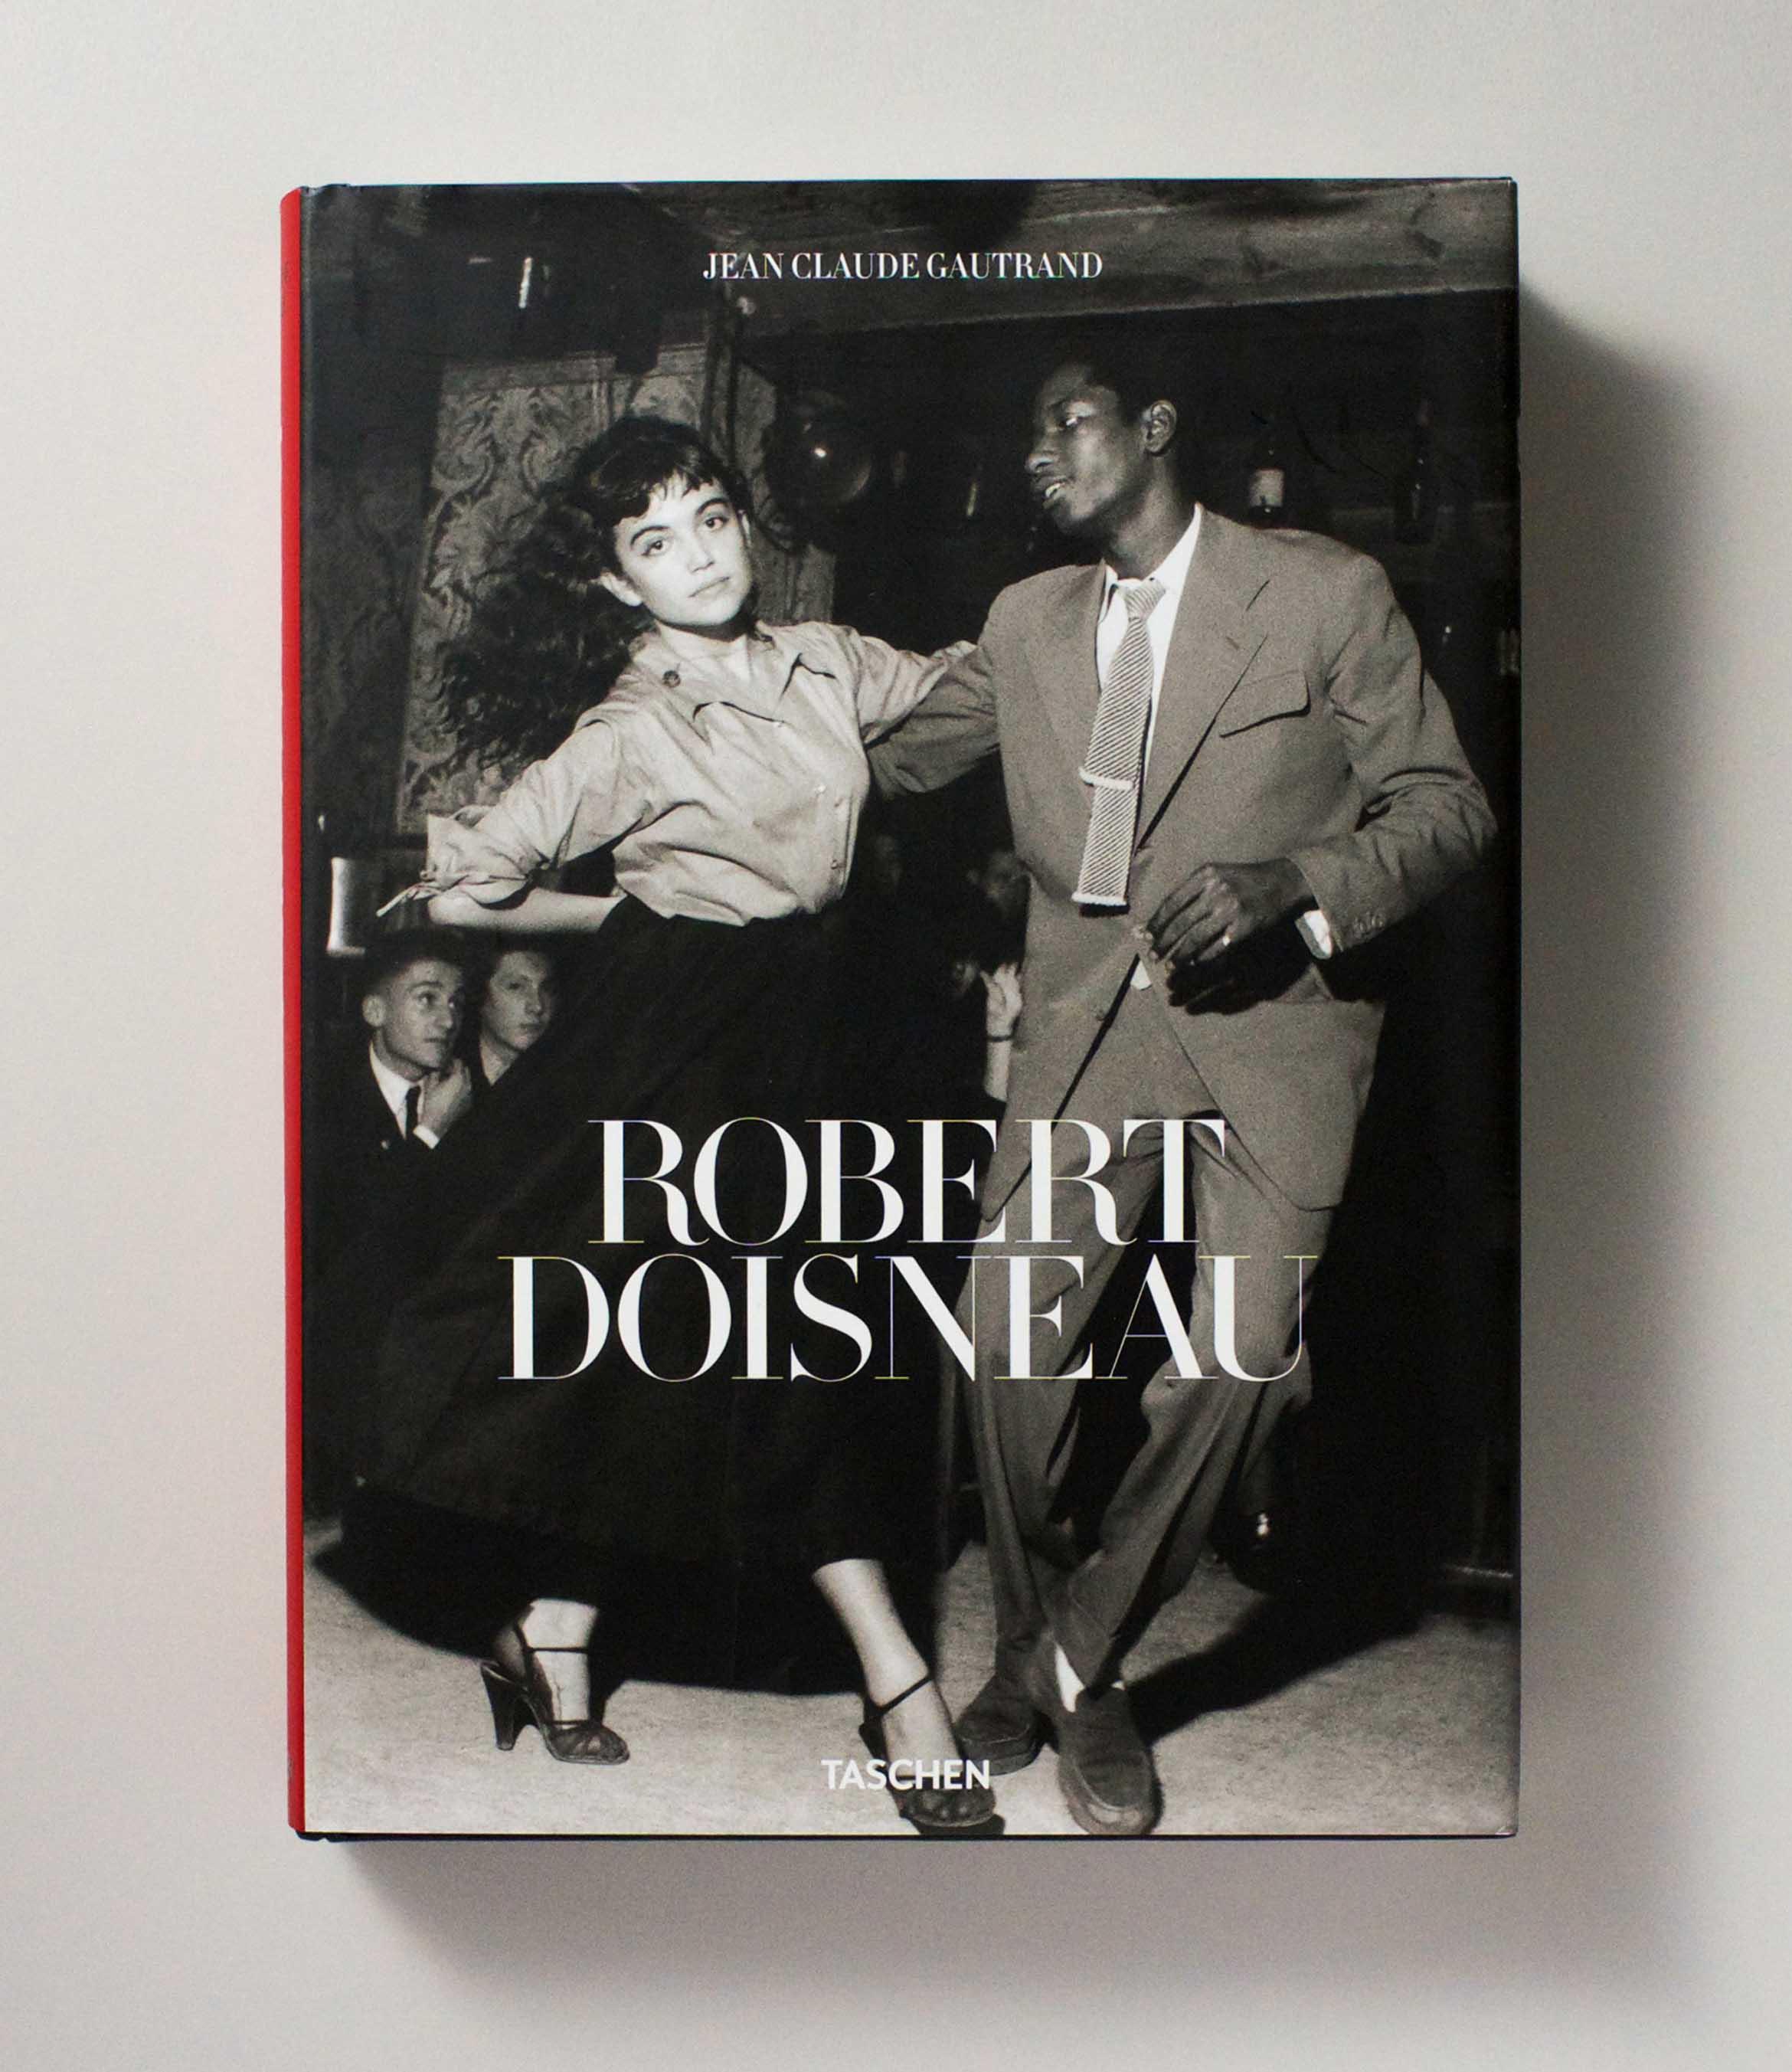 Robert Doisneau Taschen Cover